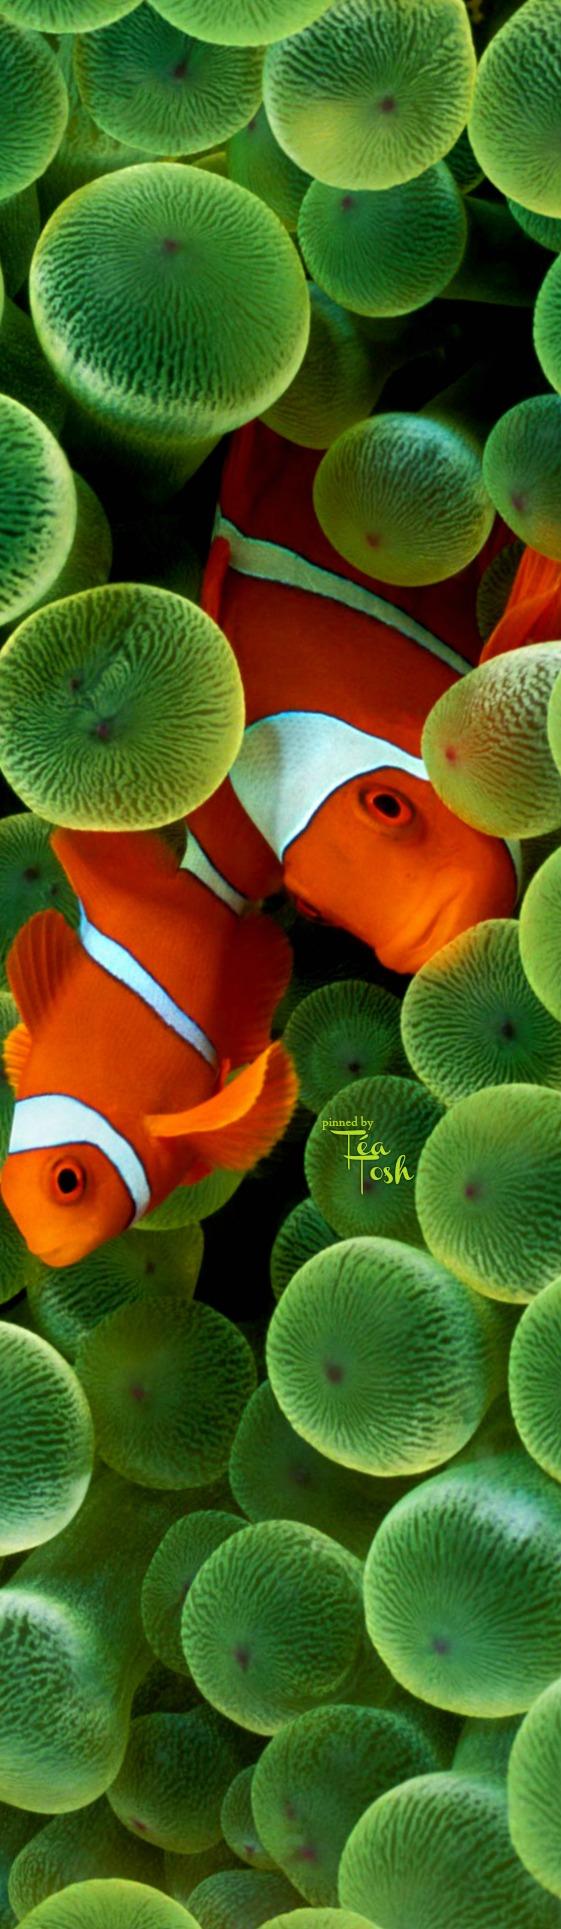 ❇Téa Tosh❇ Clown Fish